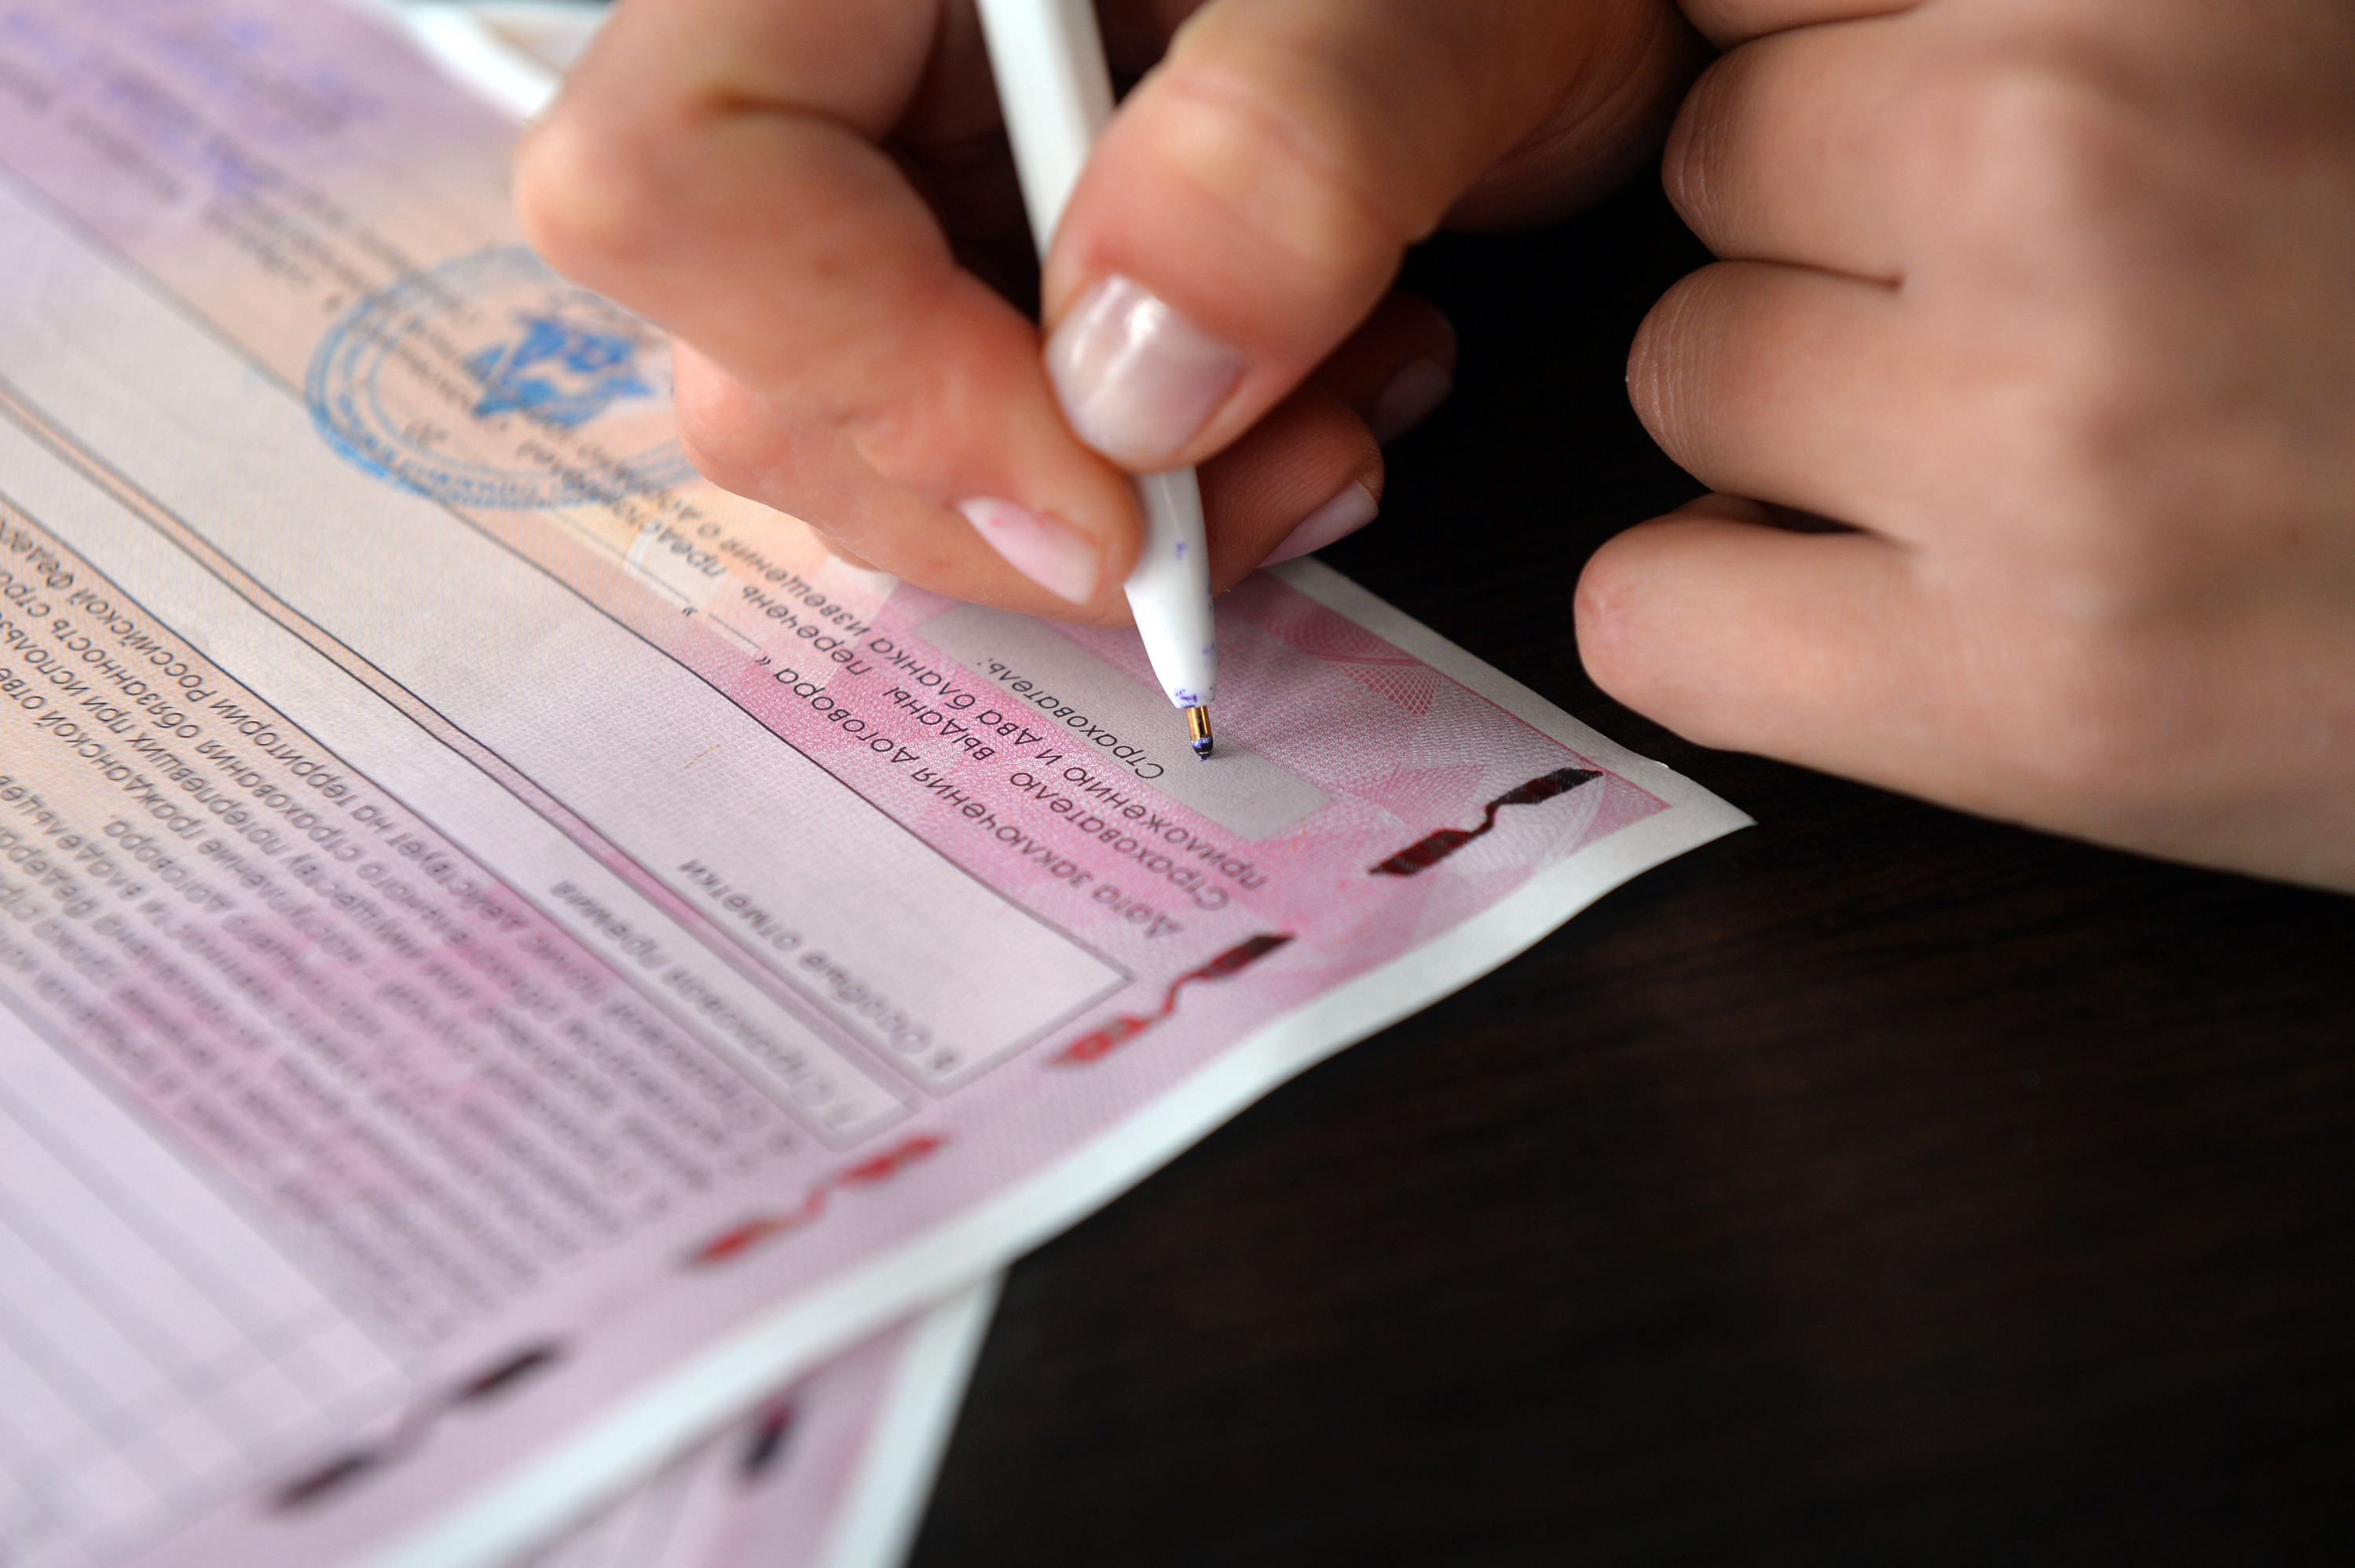 Страховка за 3 тысячи рублей имеет множество ограничений